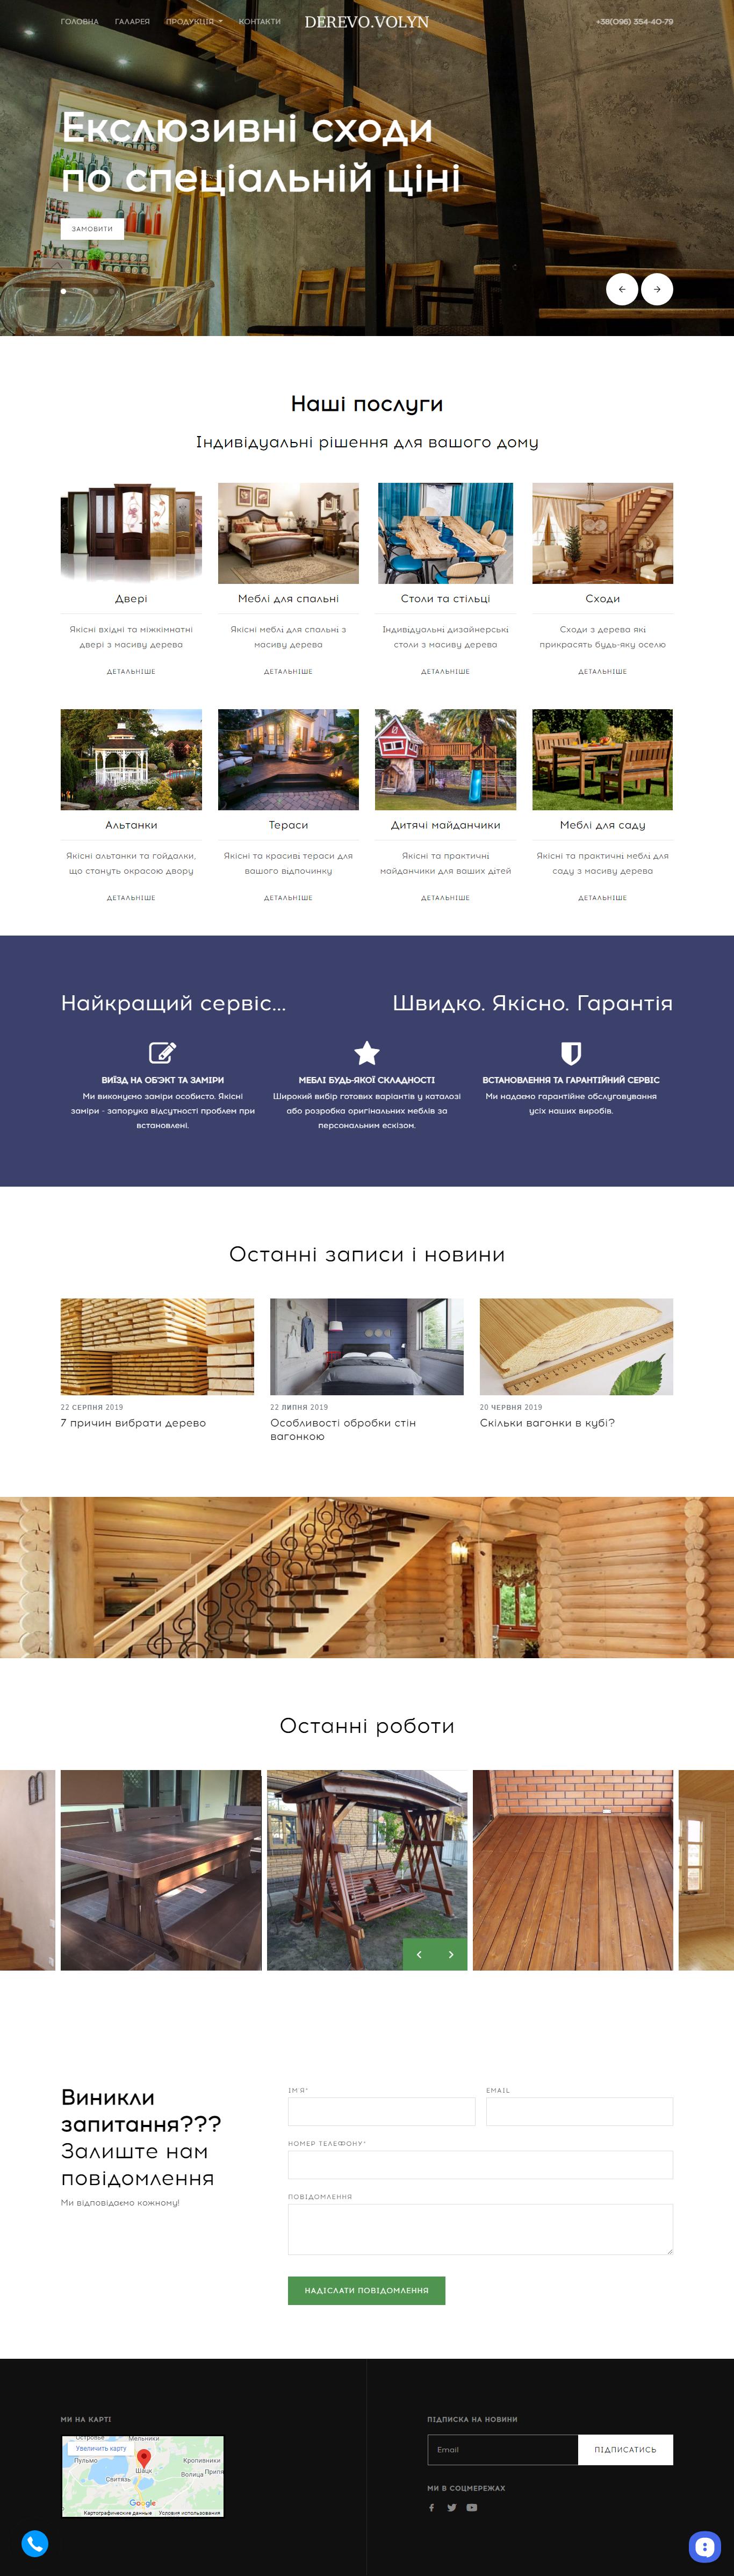 Фото Сайт для компанії, яка виробляє індивідуальні вироби з дерева. Термін виконання - 10 днів.